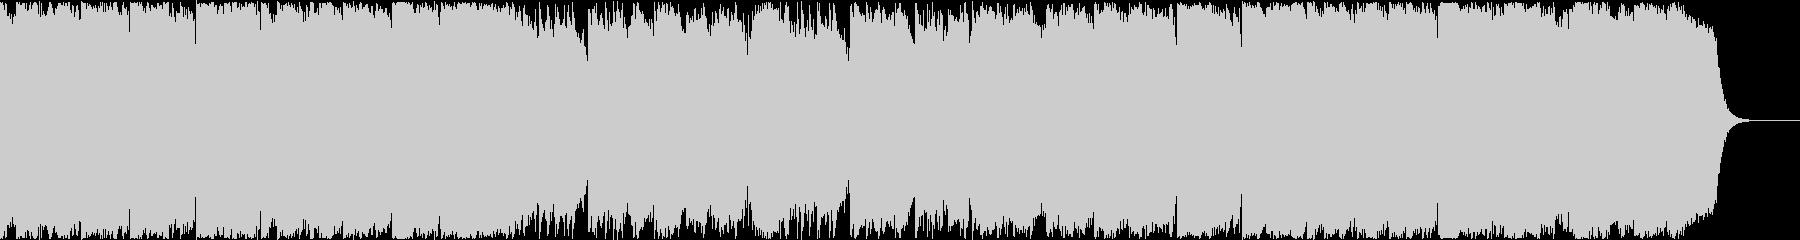 ゆったりとした日本風BGM_2の未再生の波形